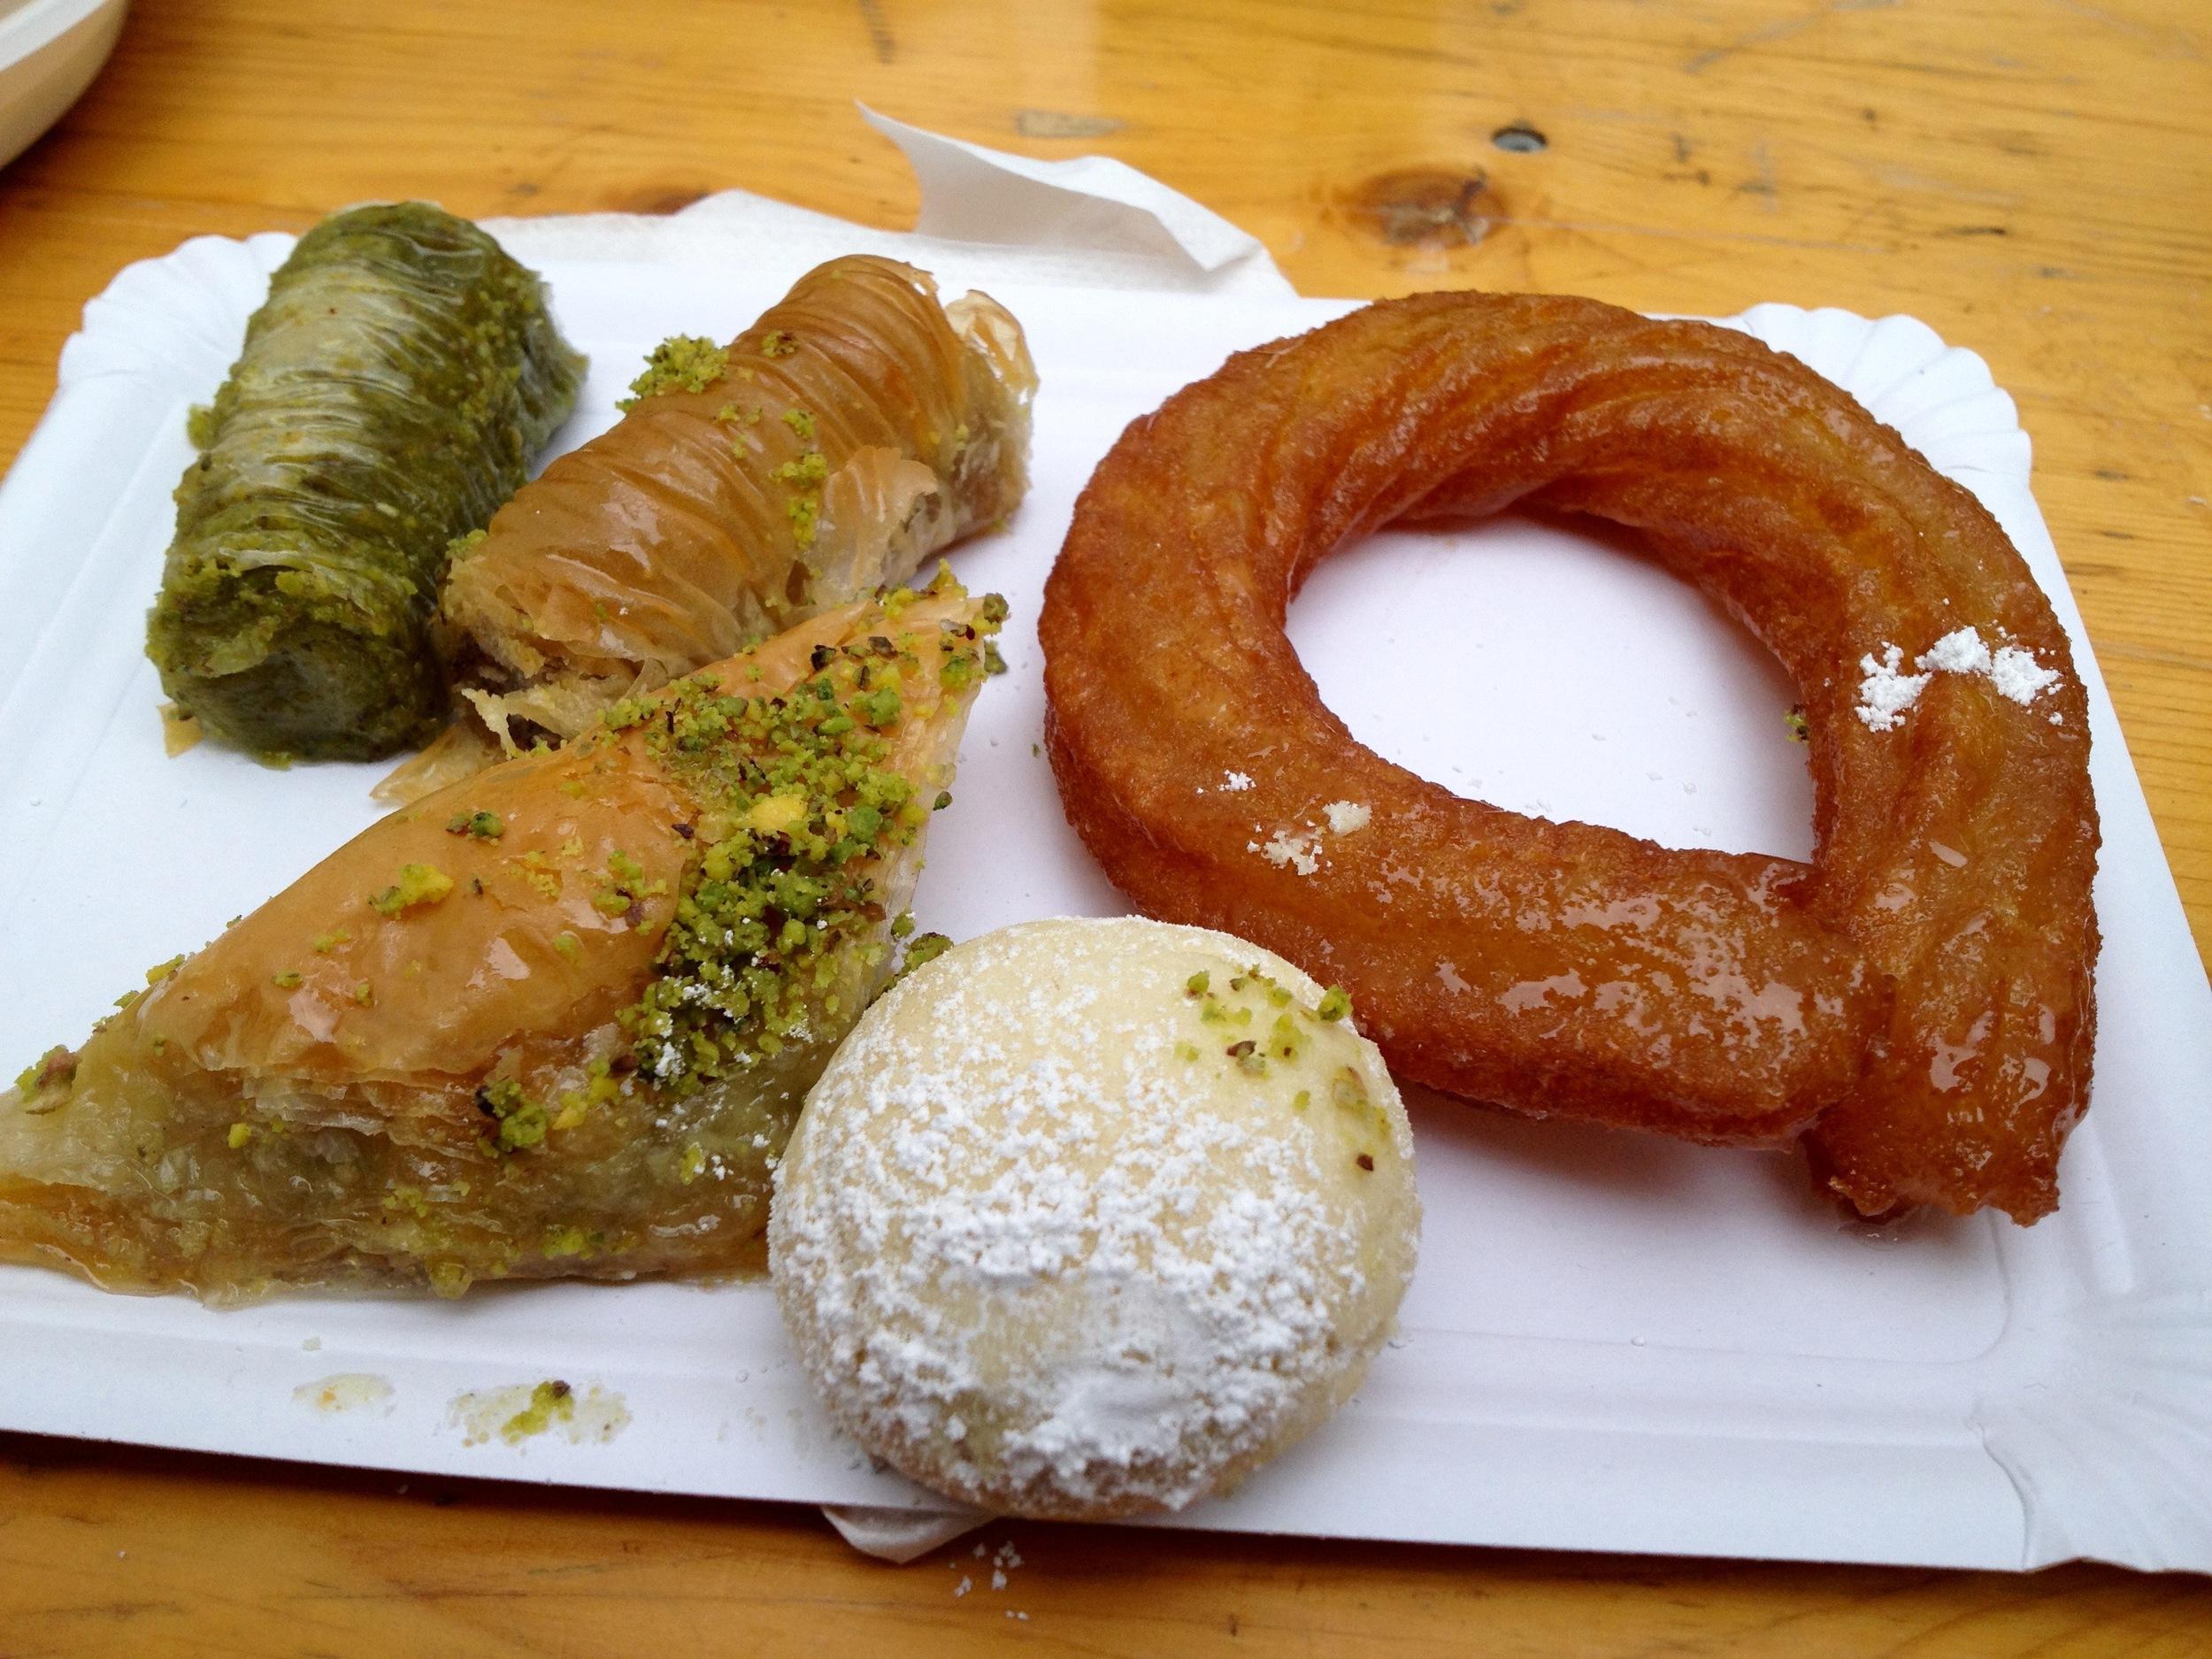 An assortment of baklava from the bakery